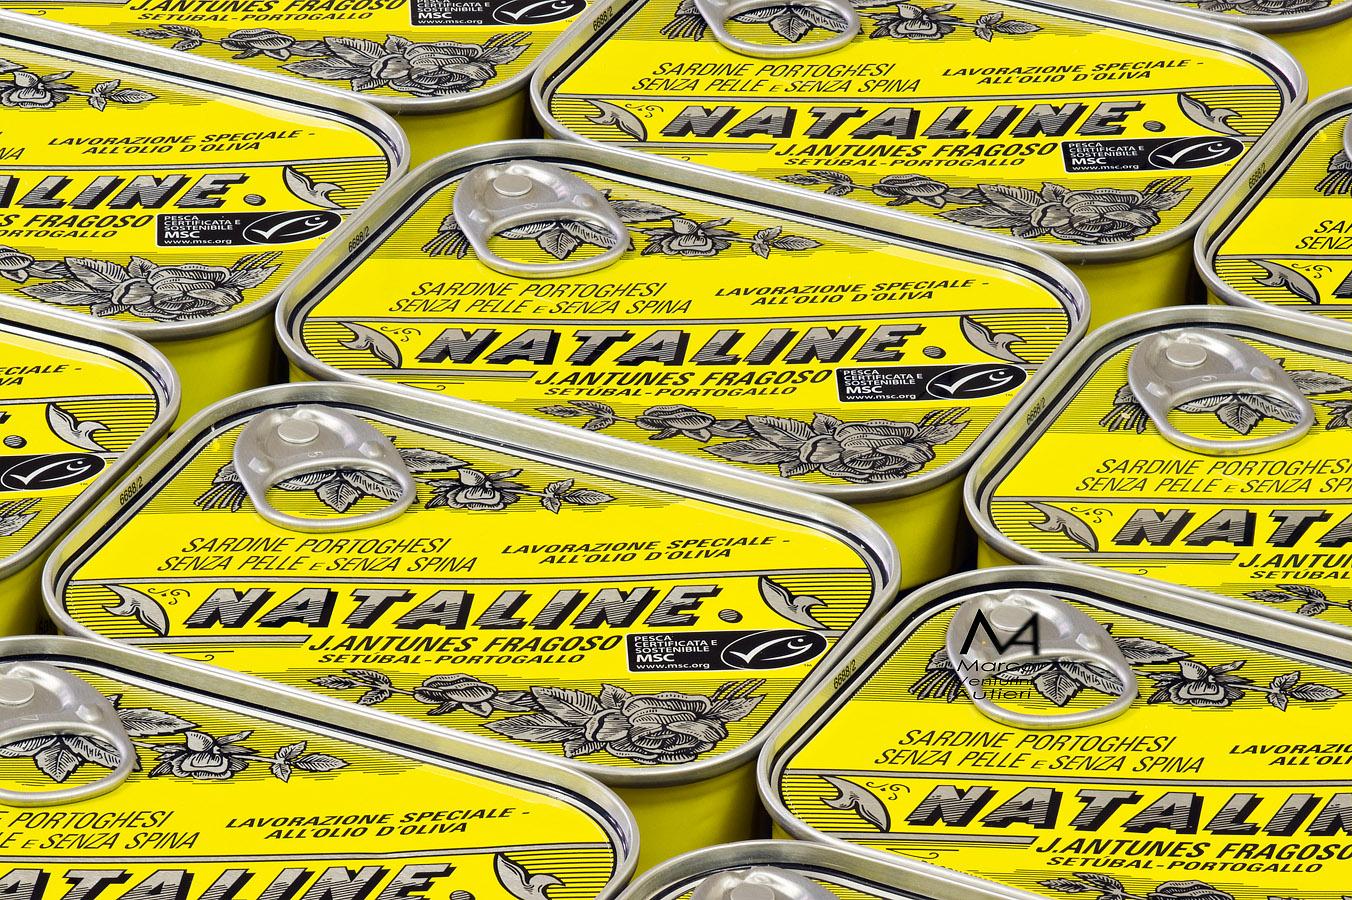 Pasta e sardine